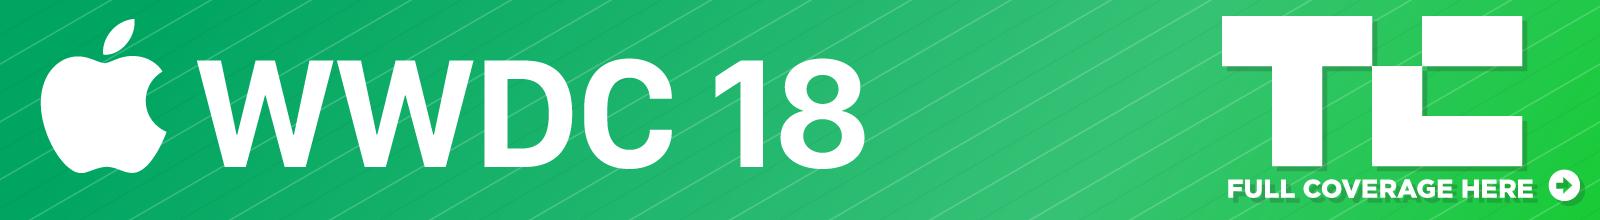 wwdc18 banner 3